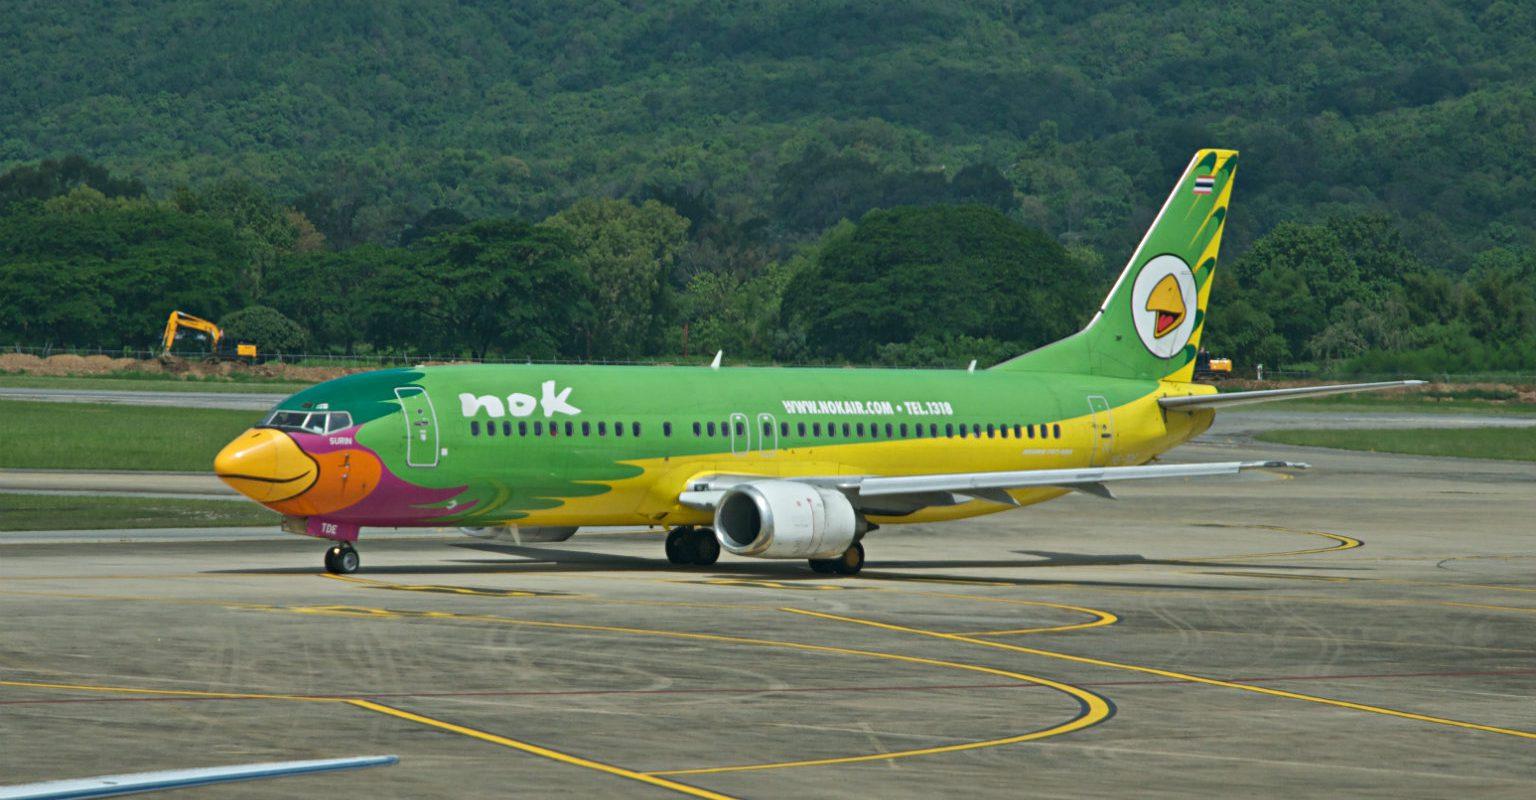 Vliegtuig van vliegtuigmaatschappij Nok Air beschildert als kleurrijke vogel op het vliegveld